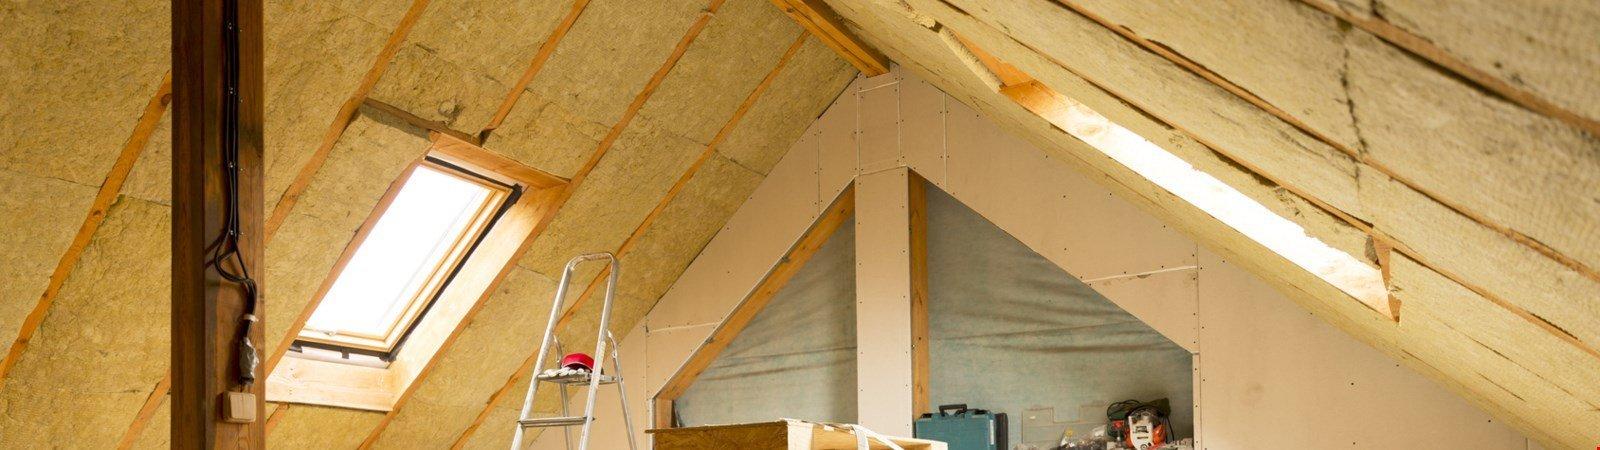 Dachisolierung: Mit dem gedämmten Dach fit für den Winter